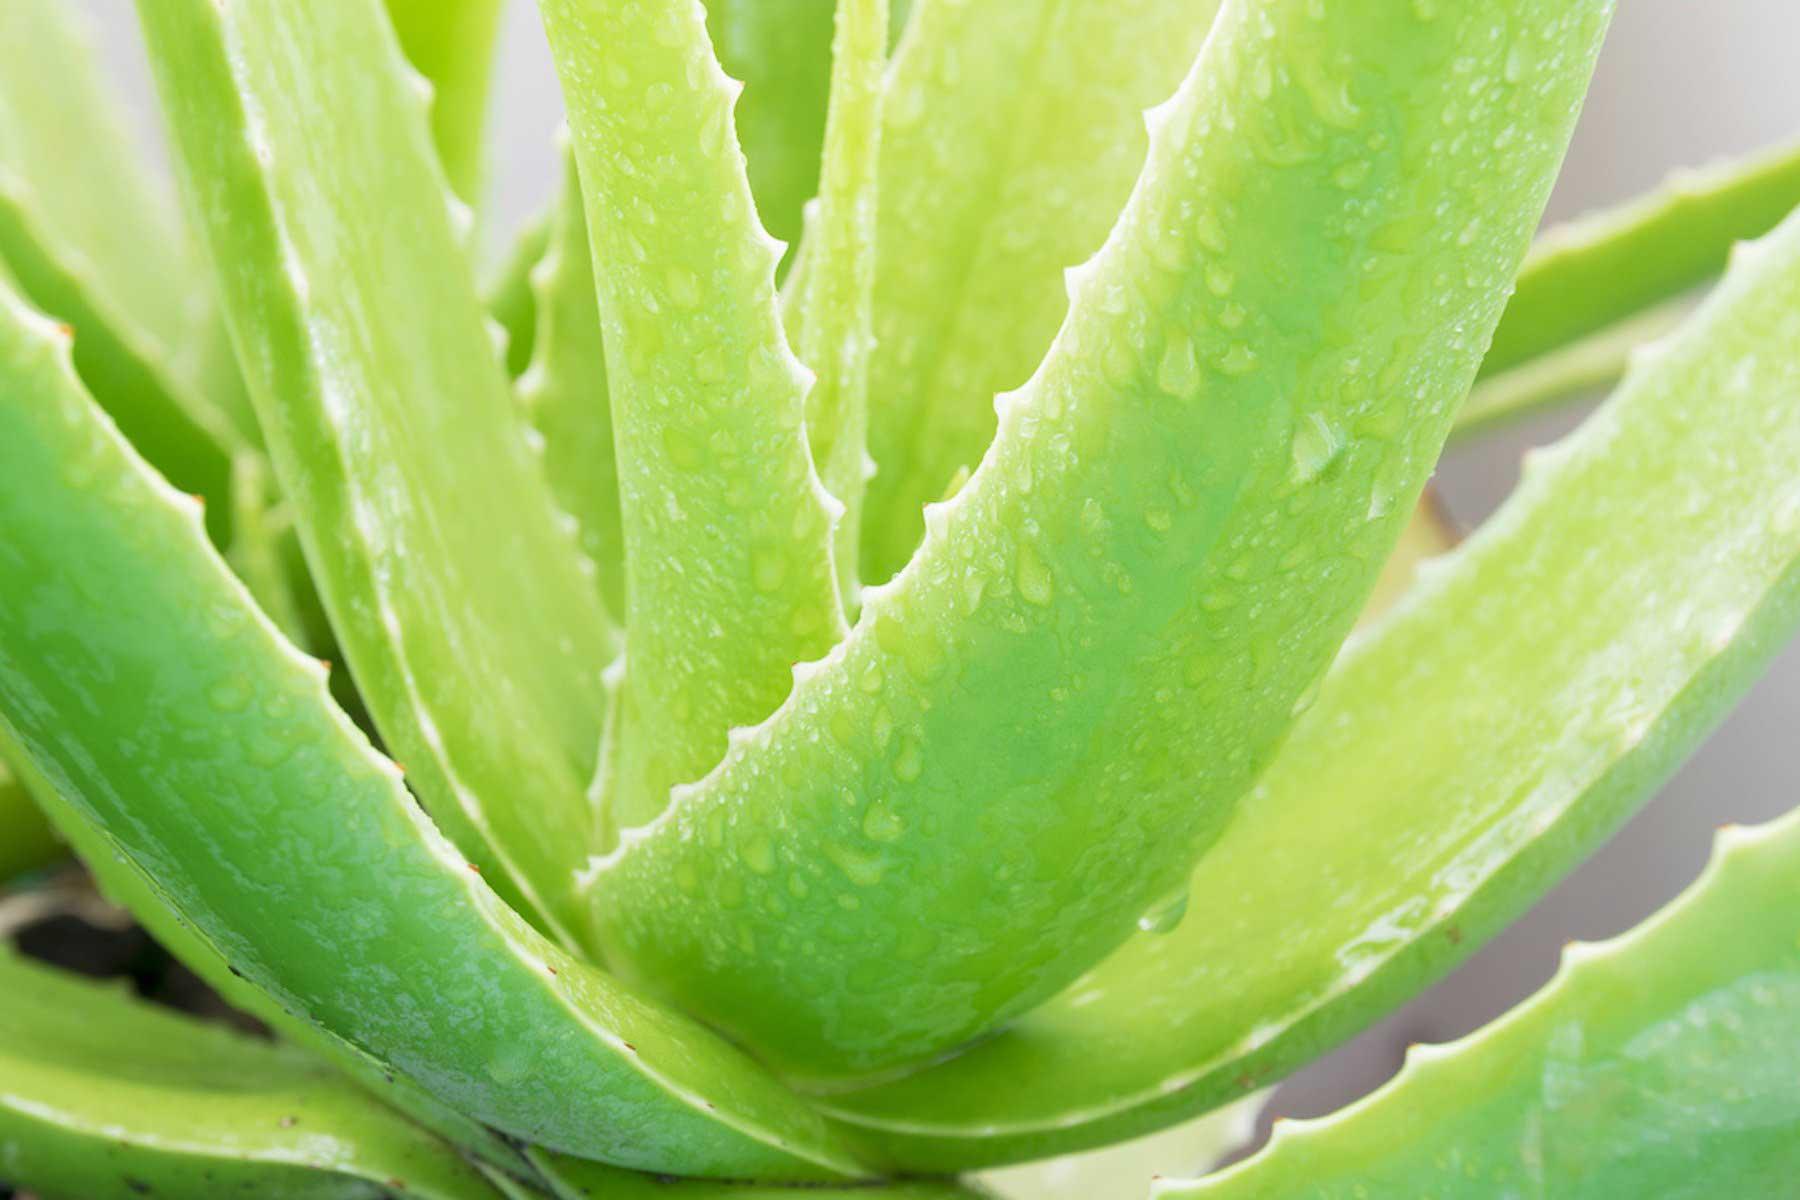 Φυτά που δεν θέλουν πότισμα_Αλοη_